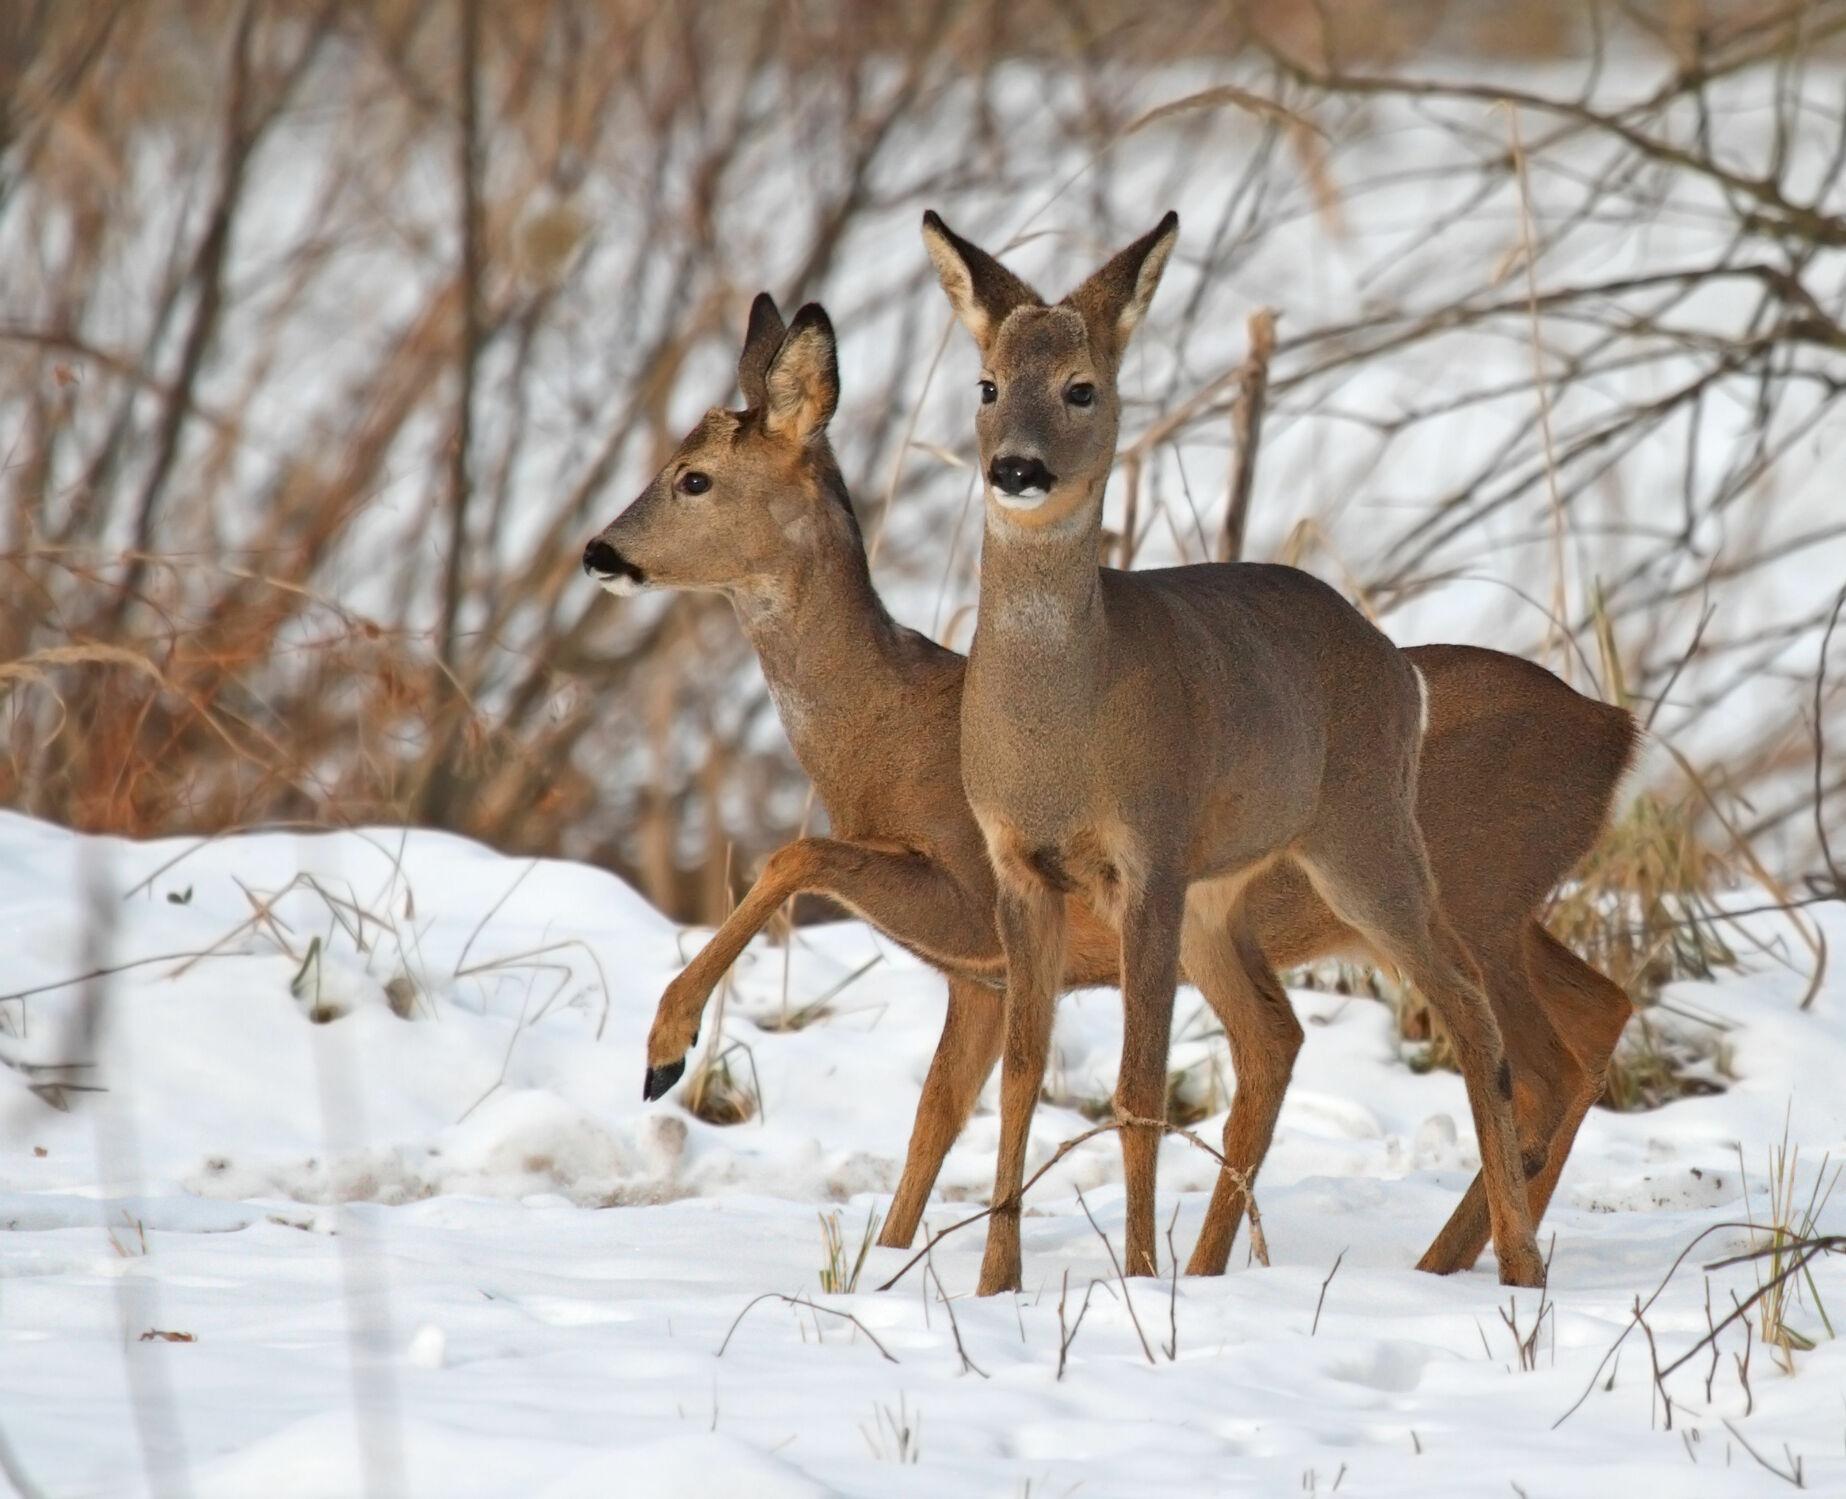 Bild mit Tiere, Winter, Schnee, Wälder, Wald, Tier, Winterlandschaften, Winterzeit, Rehkitz, Rehe, Reh, waldtiere